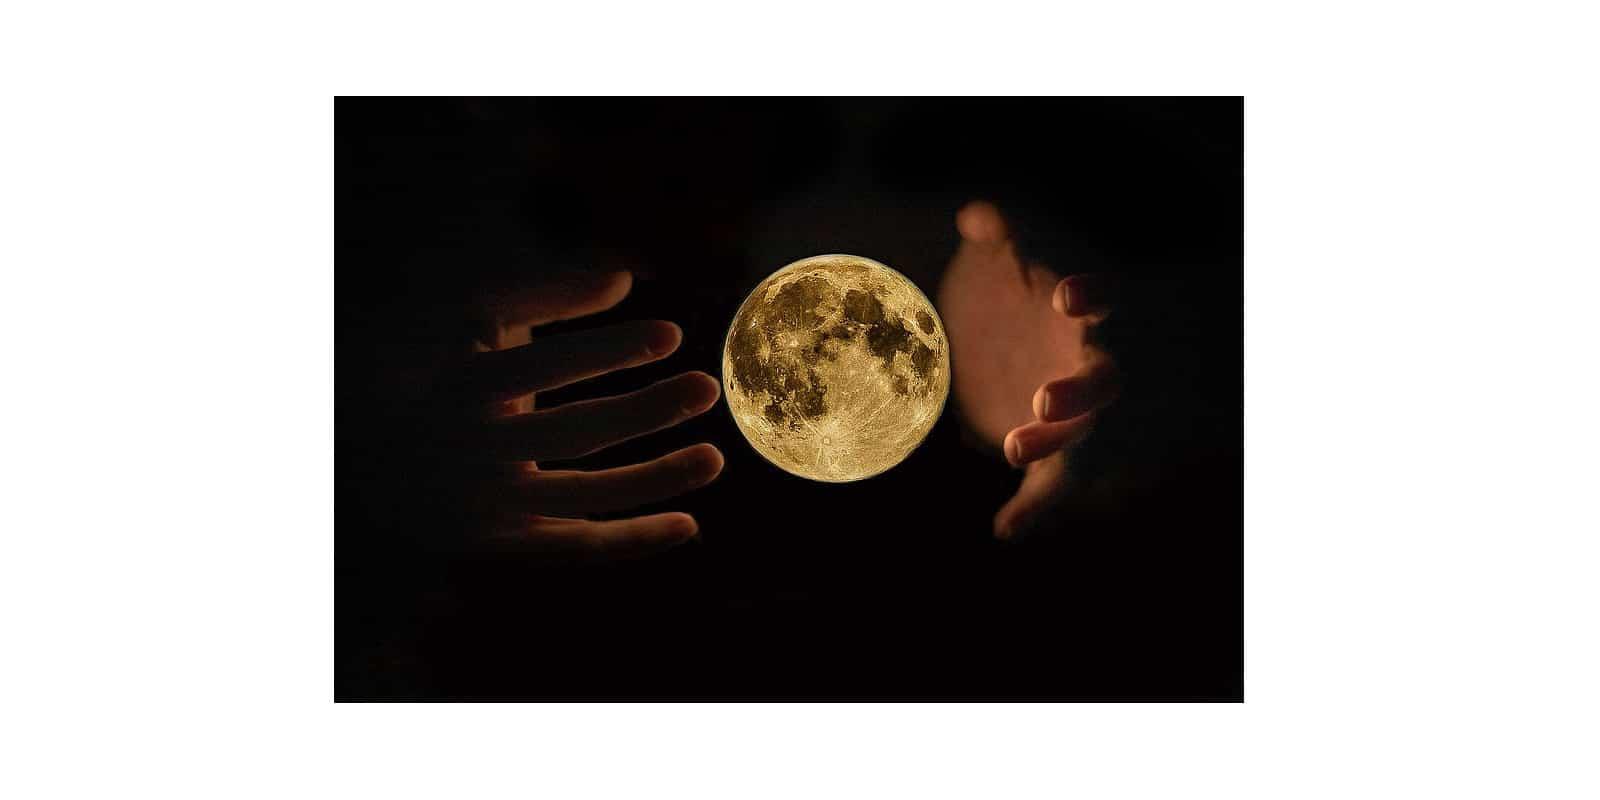 Nakatuka's Moon Reading System